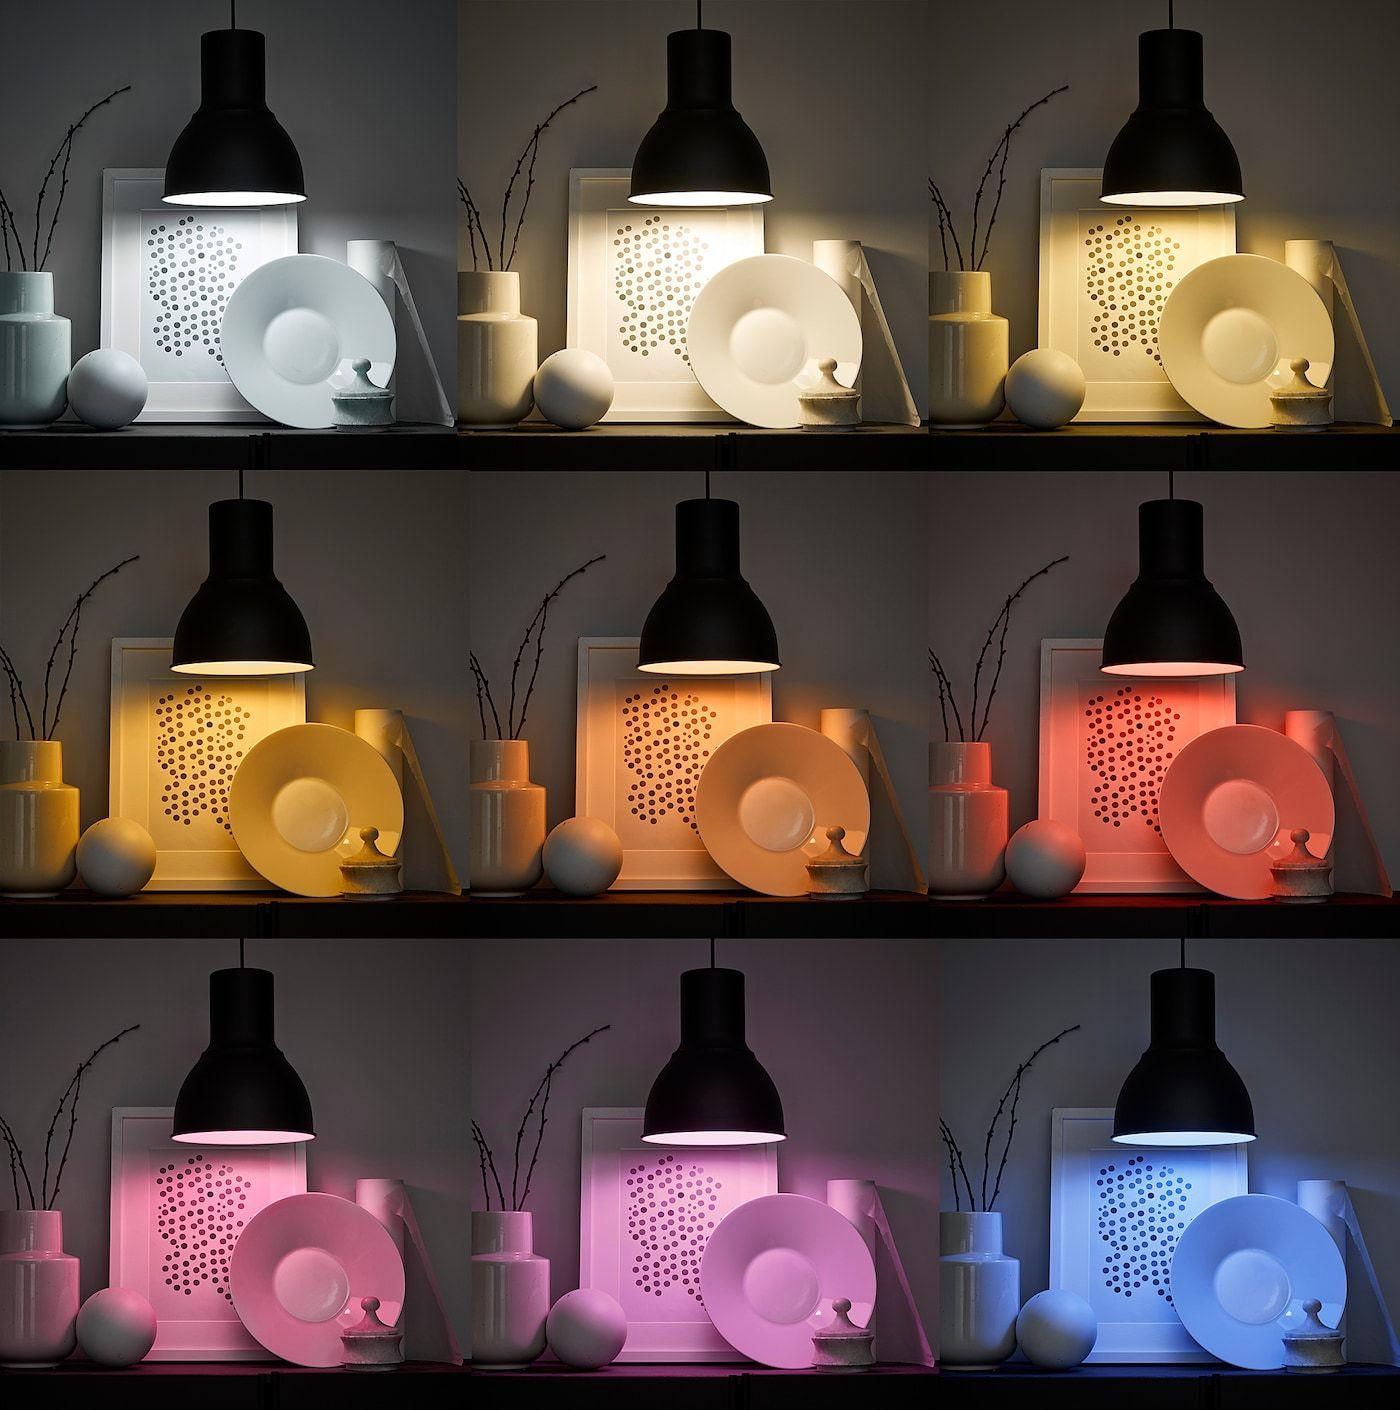 Tradfri Set Mit Gateway Farb Und Weissspektrum Ikea Deutschland Led Lampe Ikea Zuhause Beleuchtung